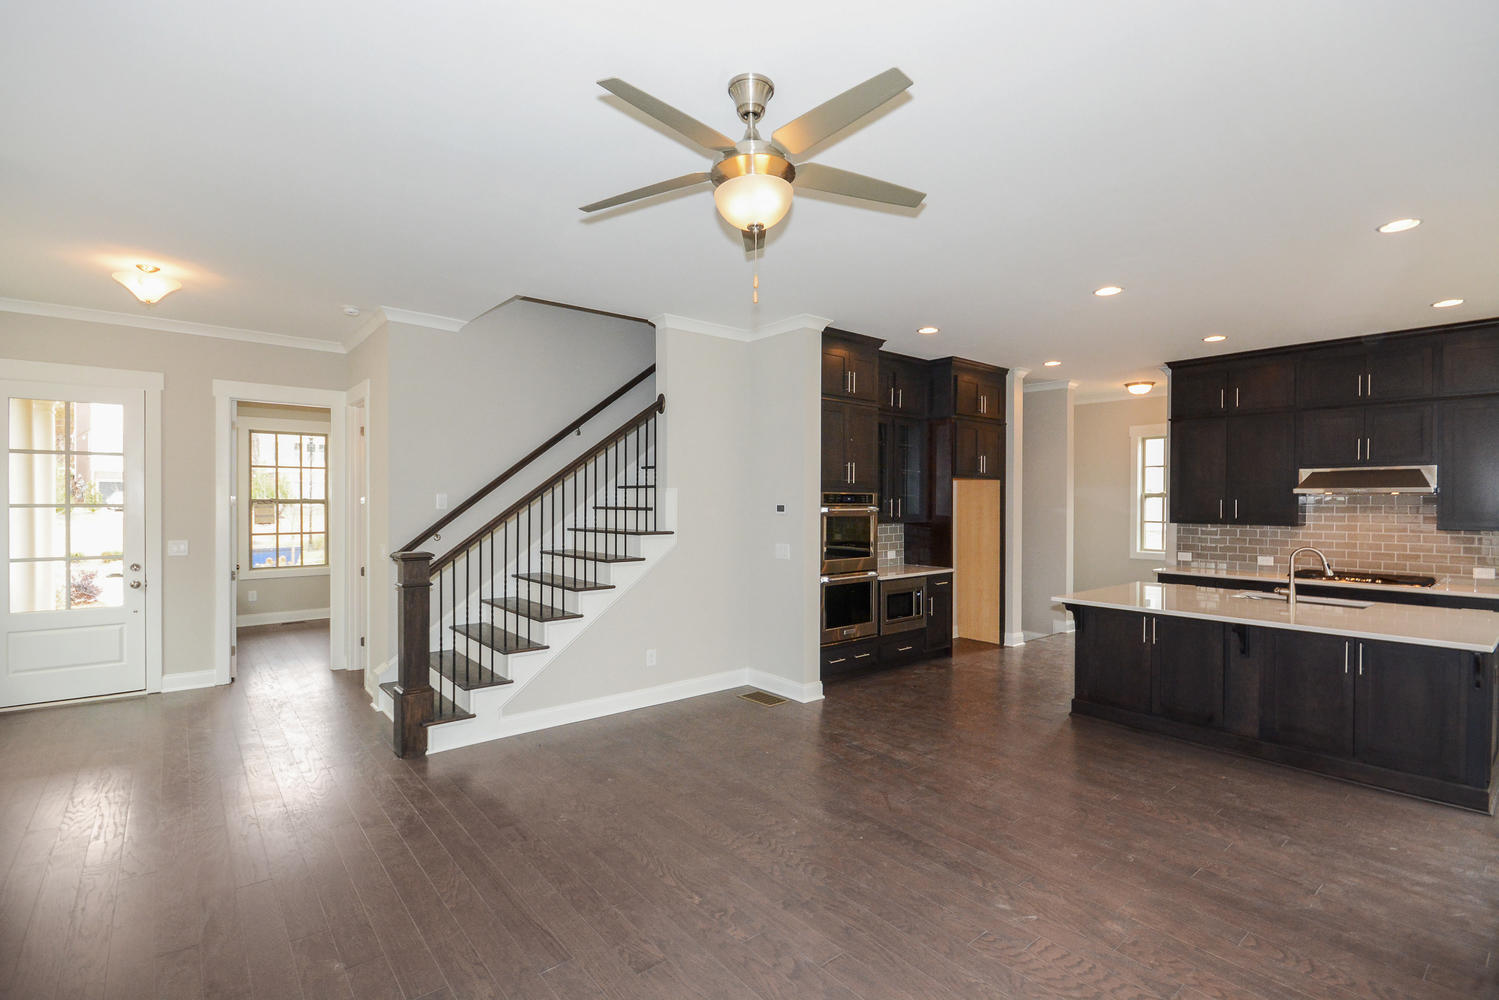 Dunes West Homes For Sale - 2949 Minnow, Mount Pleasant, SC - 11